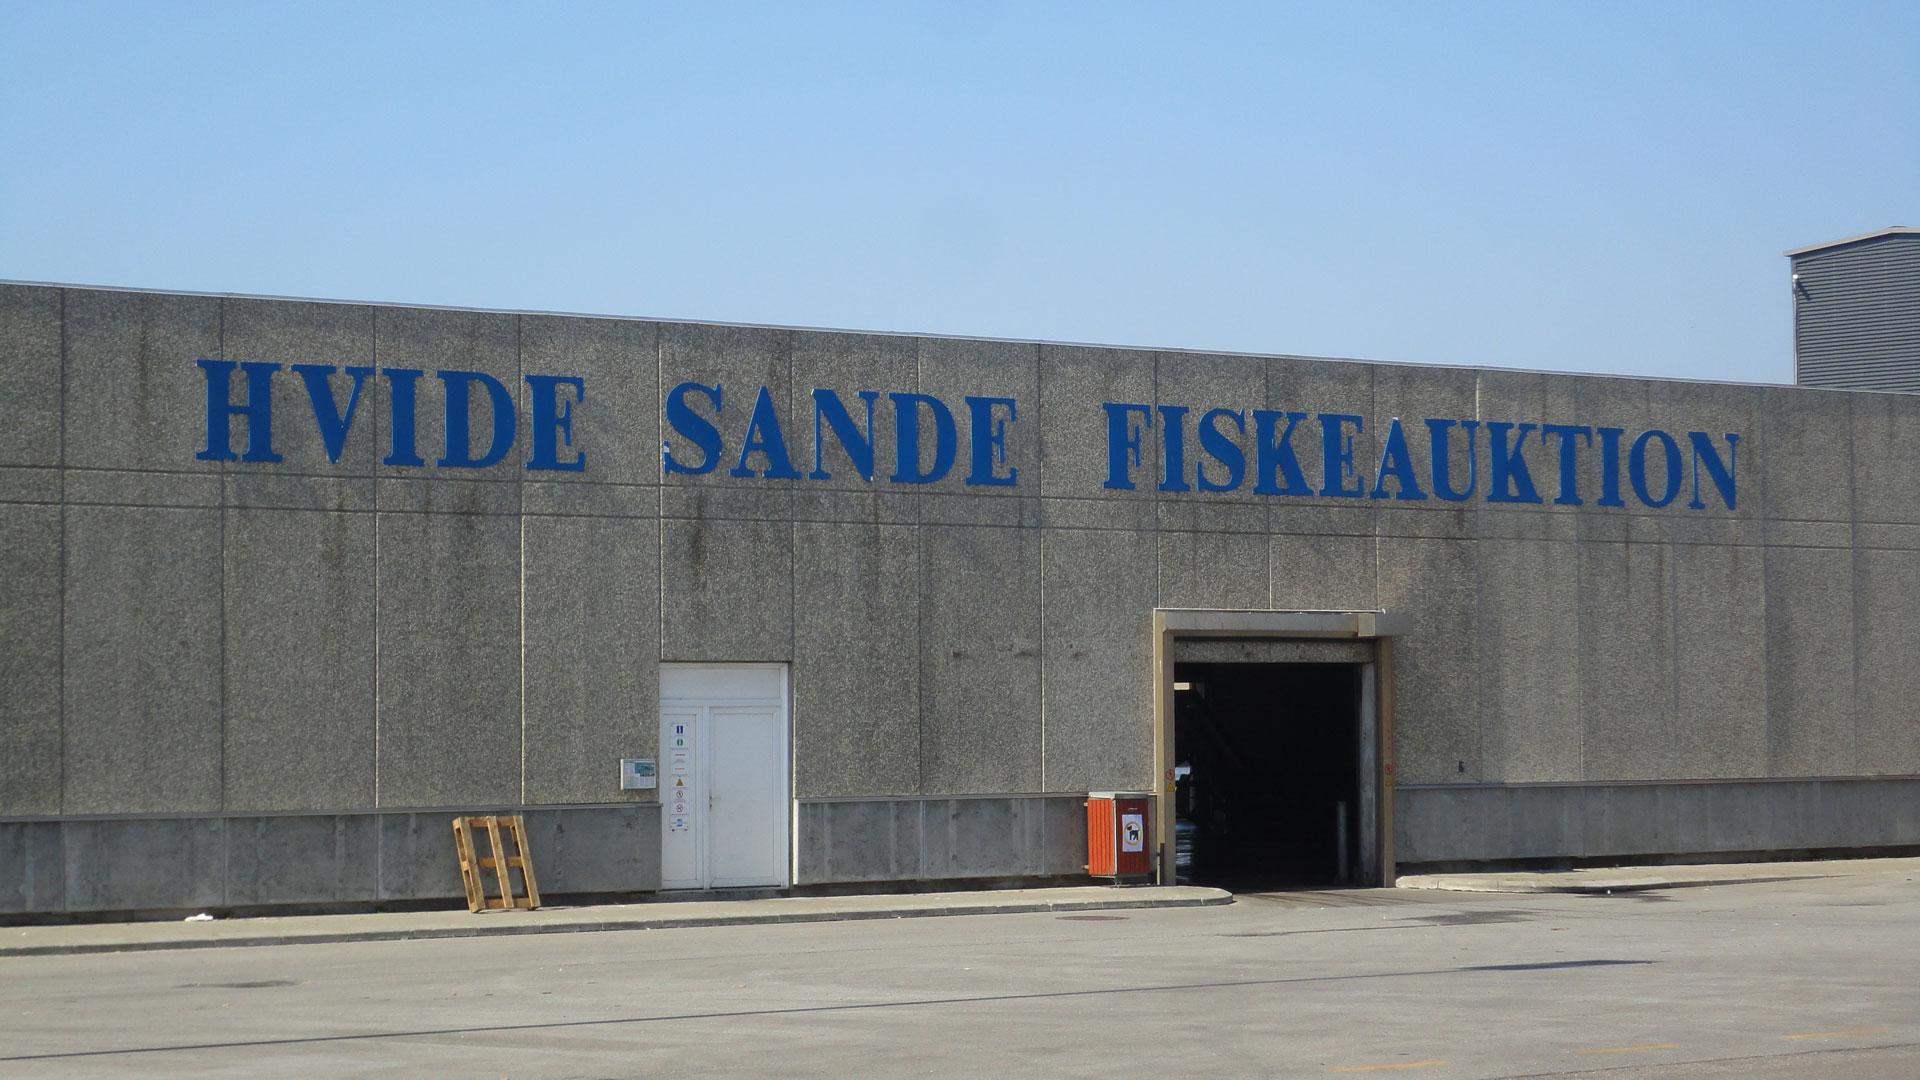 Fischauktionshalle – Hvide Sande